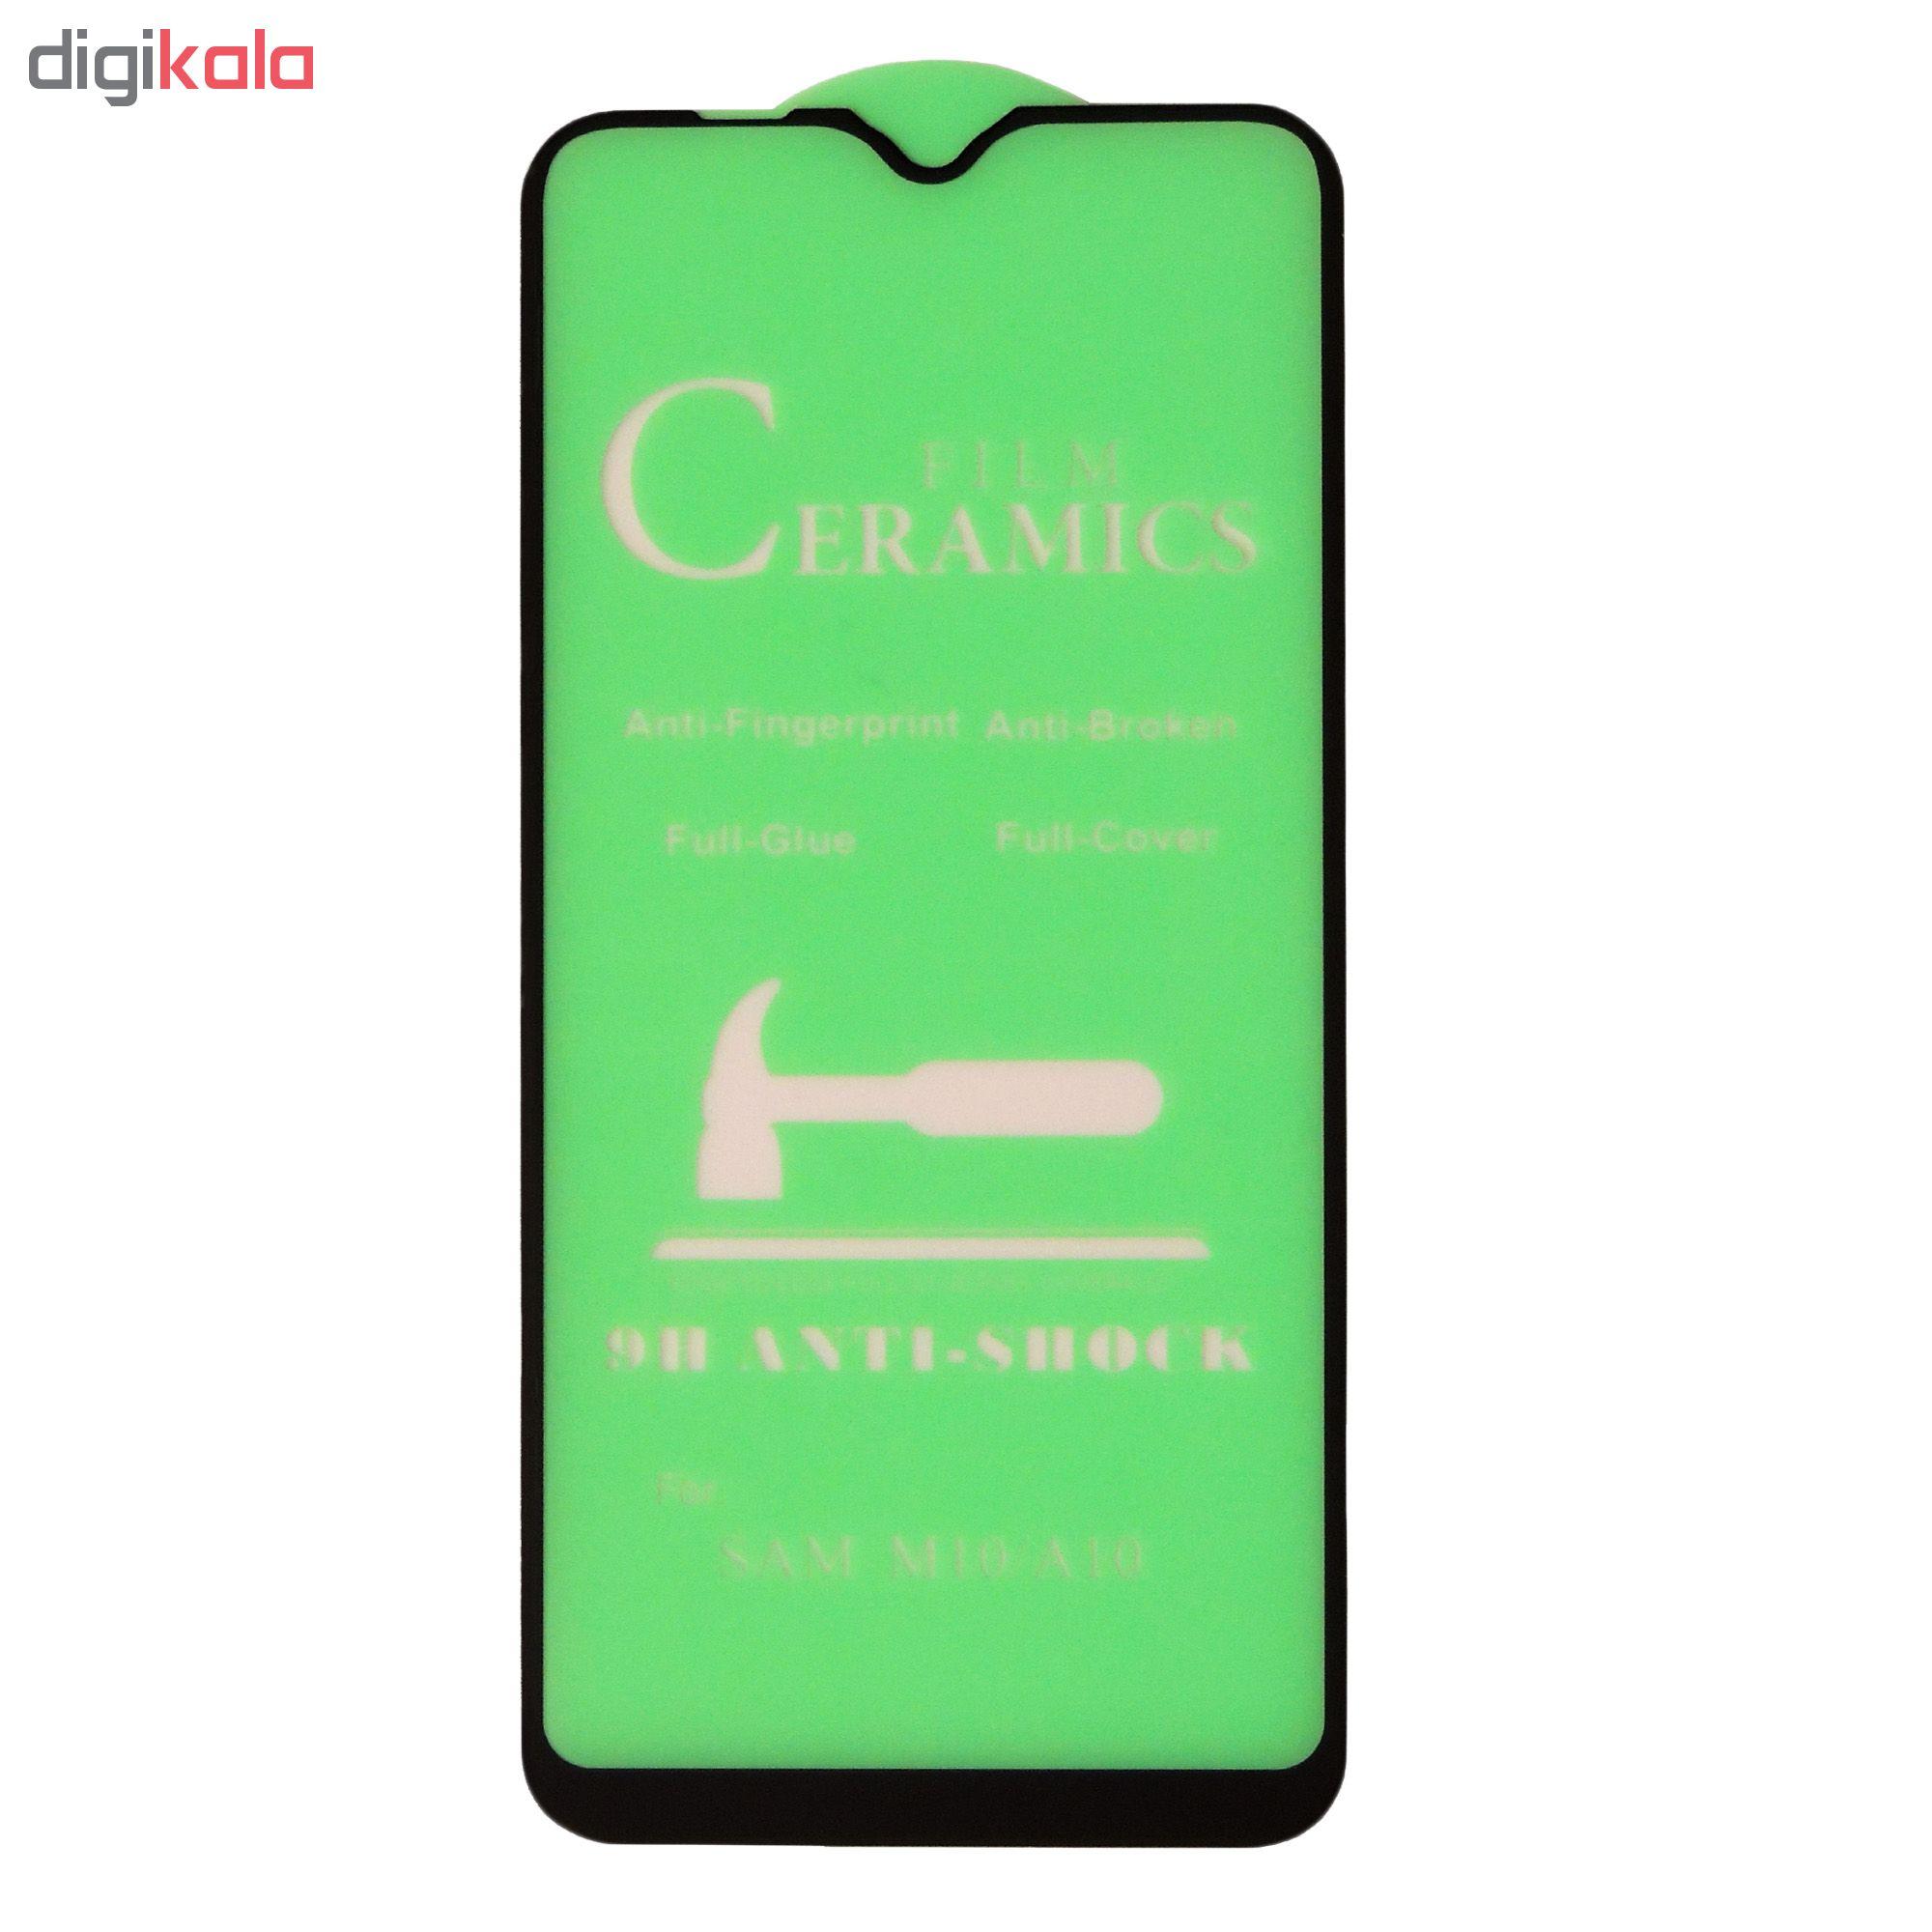 محافظ صفحه نمایش مدل BK مناسب برای گوشی موبایل سامسونگ Galaxy A10/A10s/M10 main 1 1